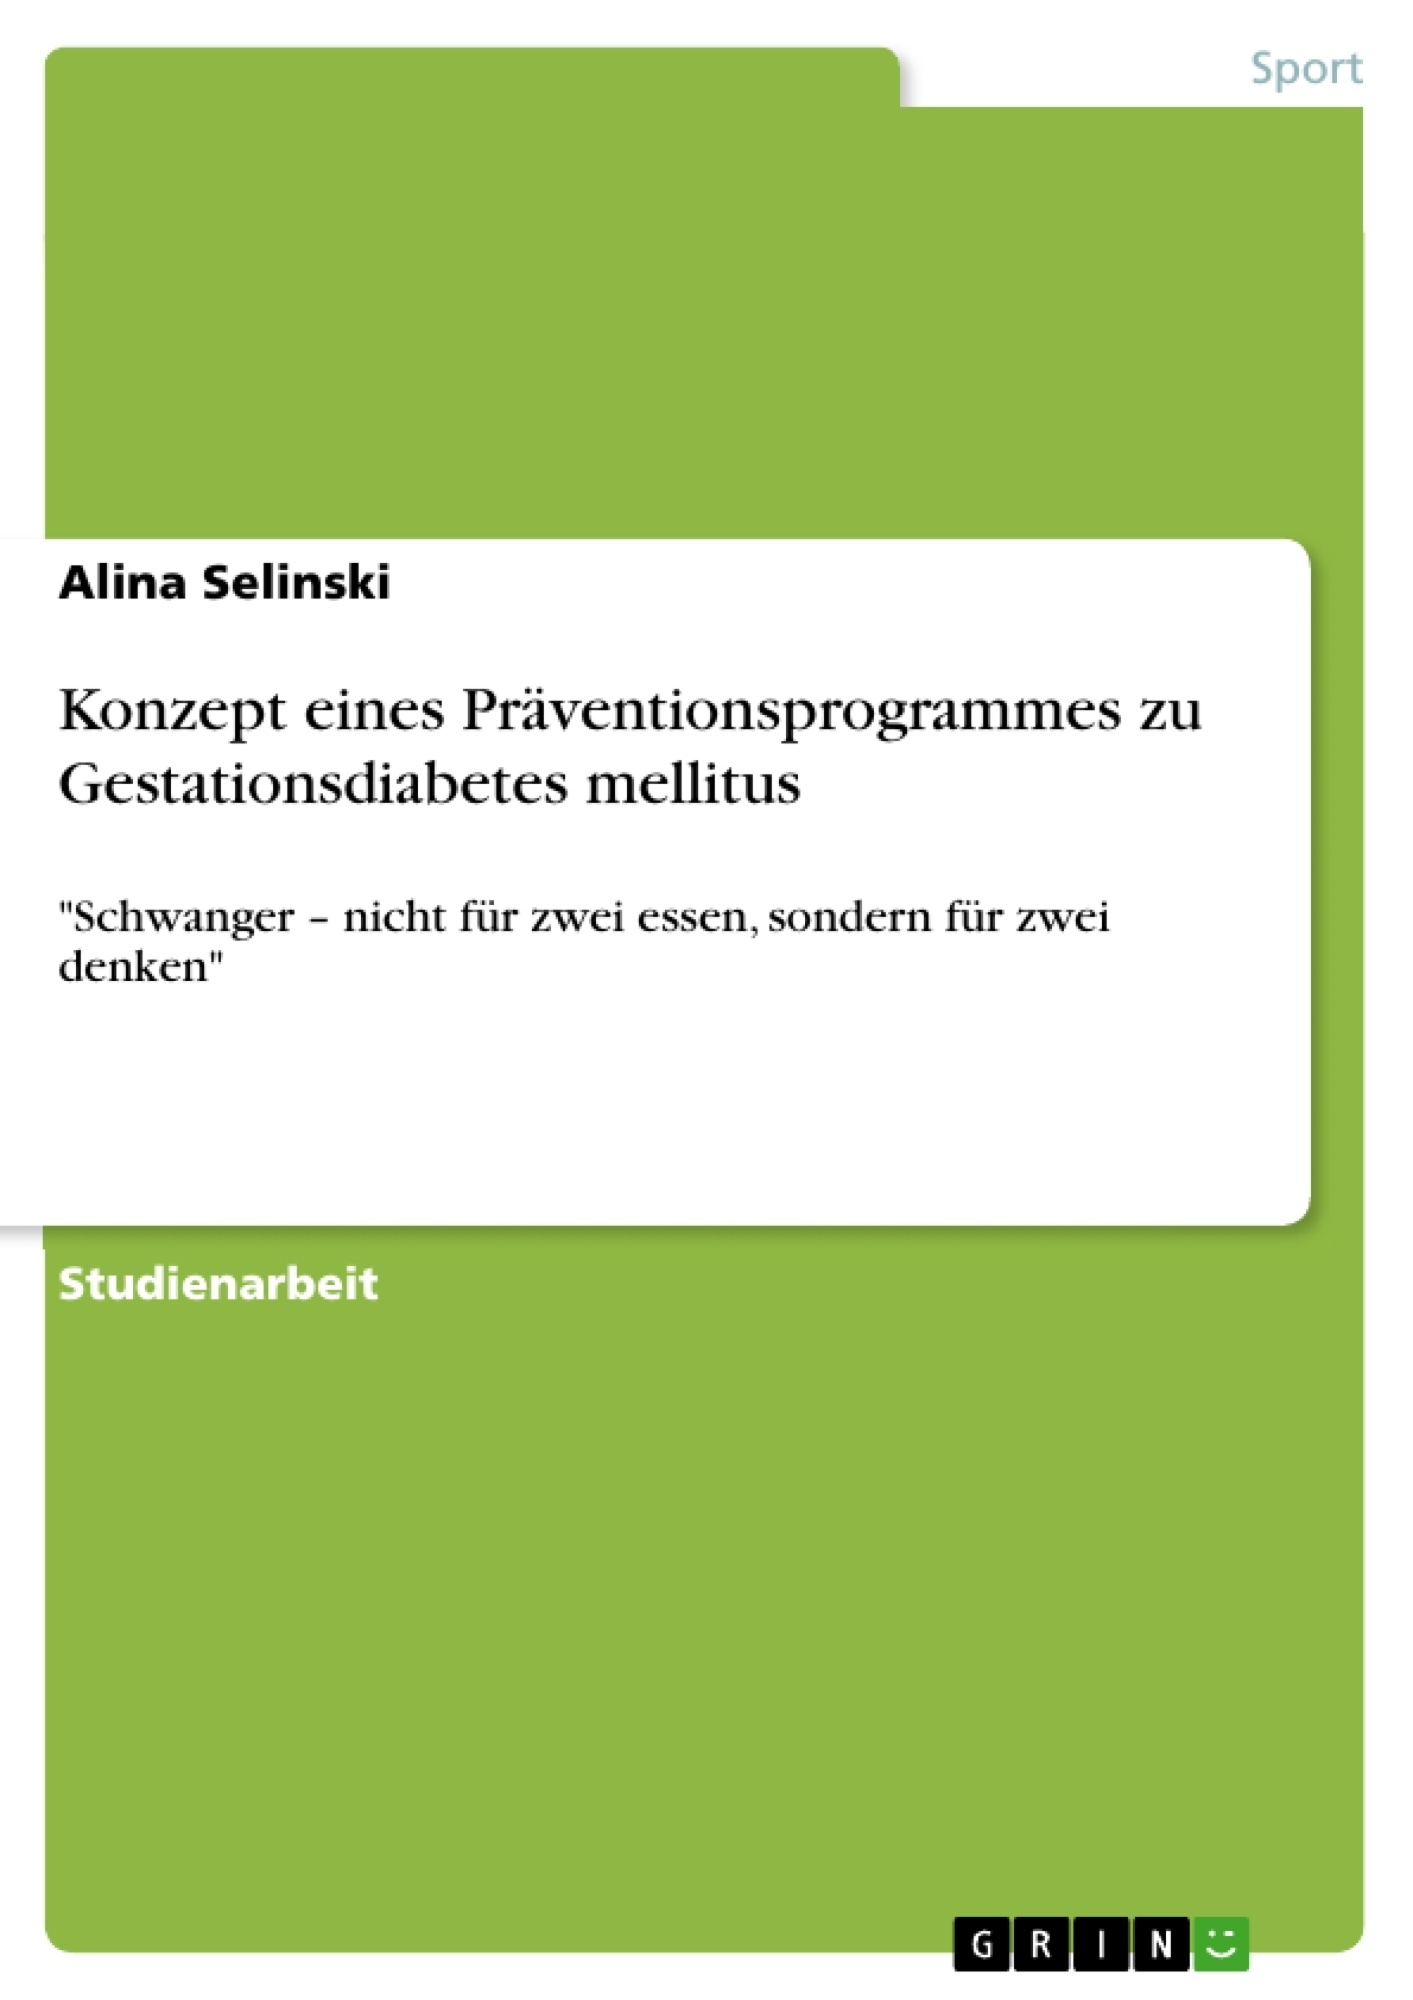 Titel: Konzept eines Präventionsprogrammes zu Gestationsdiabetes mellitus